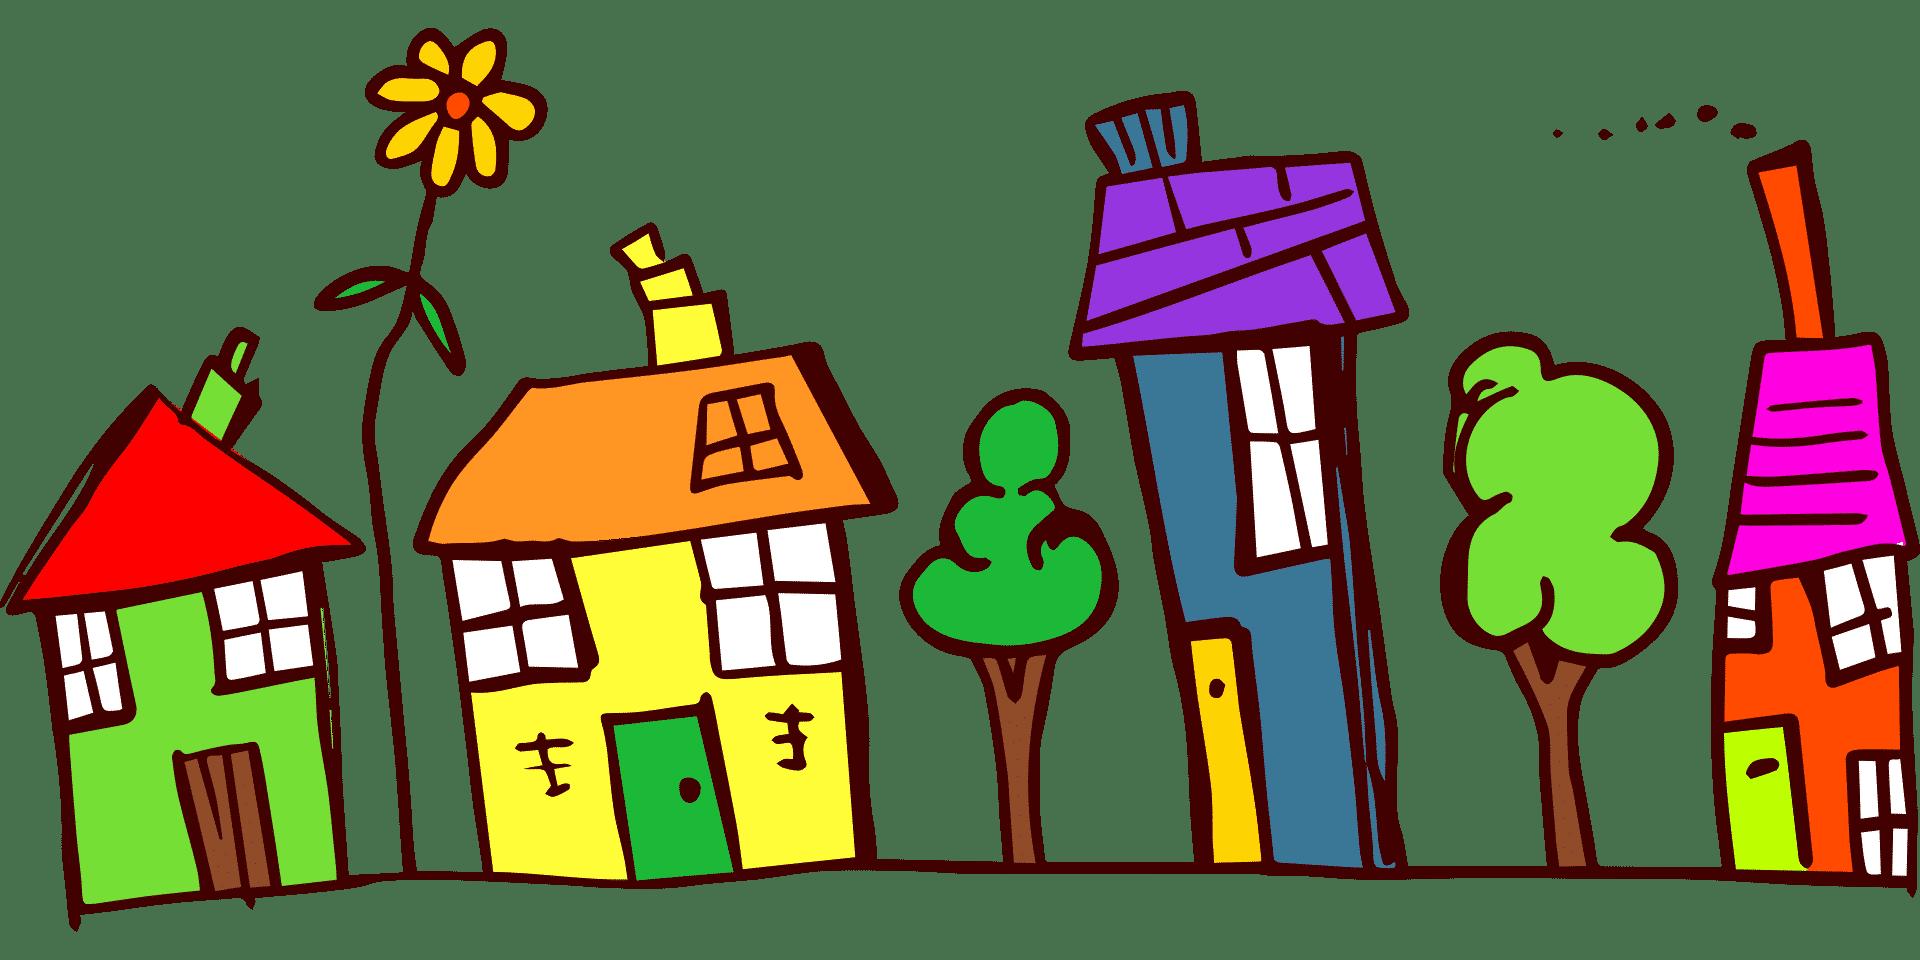 Βεβαίωση μόνιμης κατοικίας ηλεκτρονικά